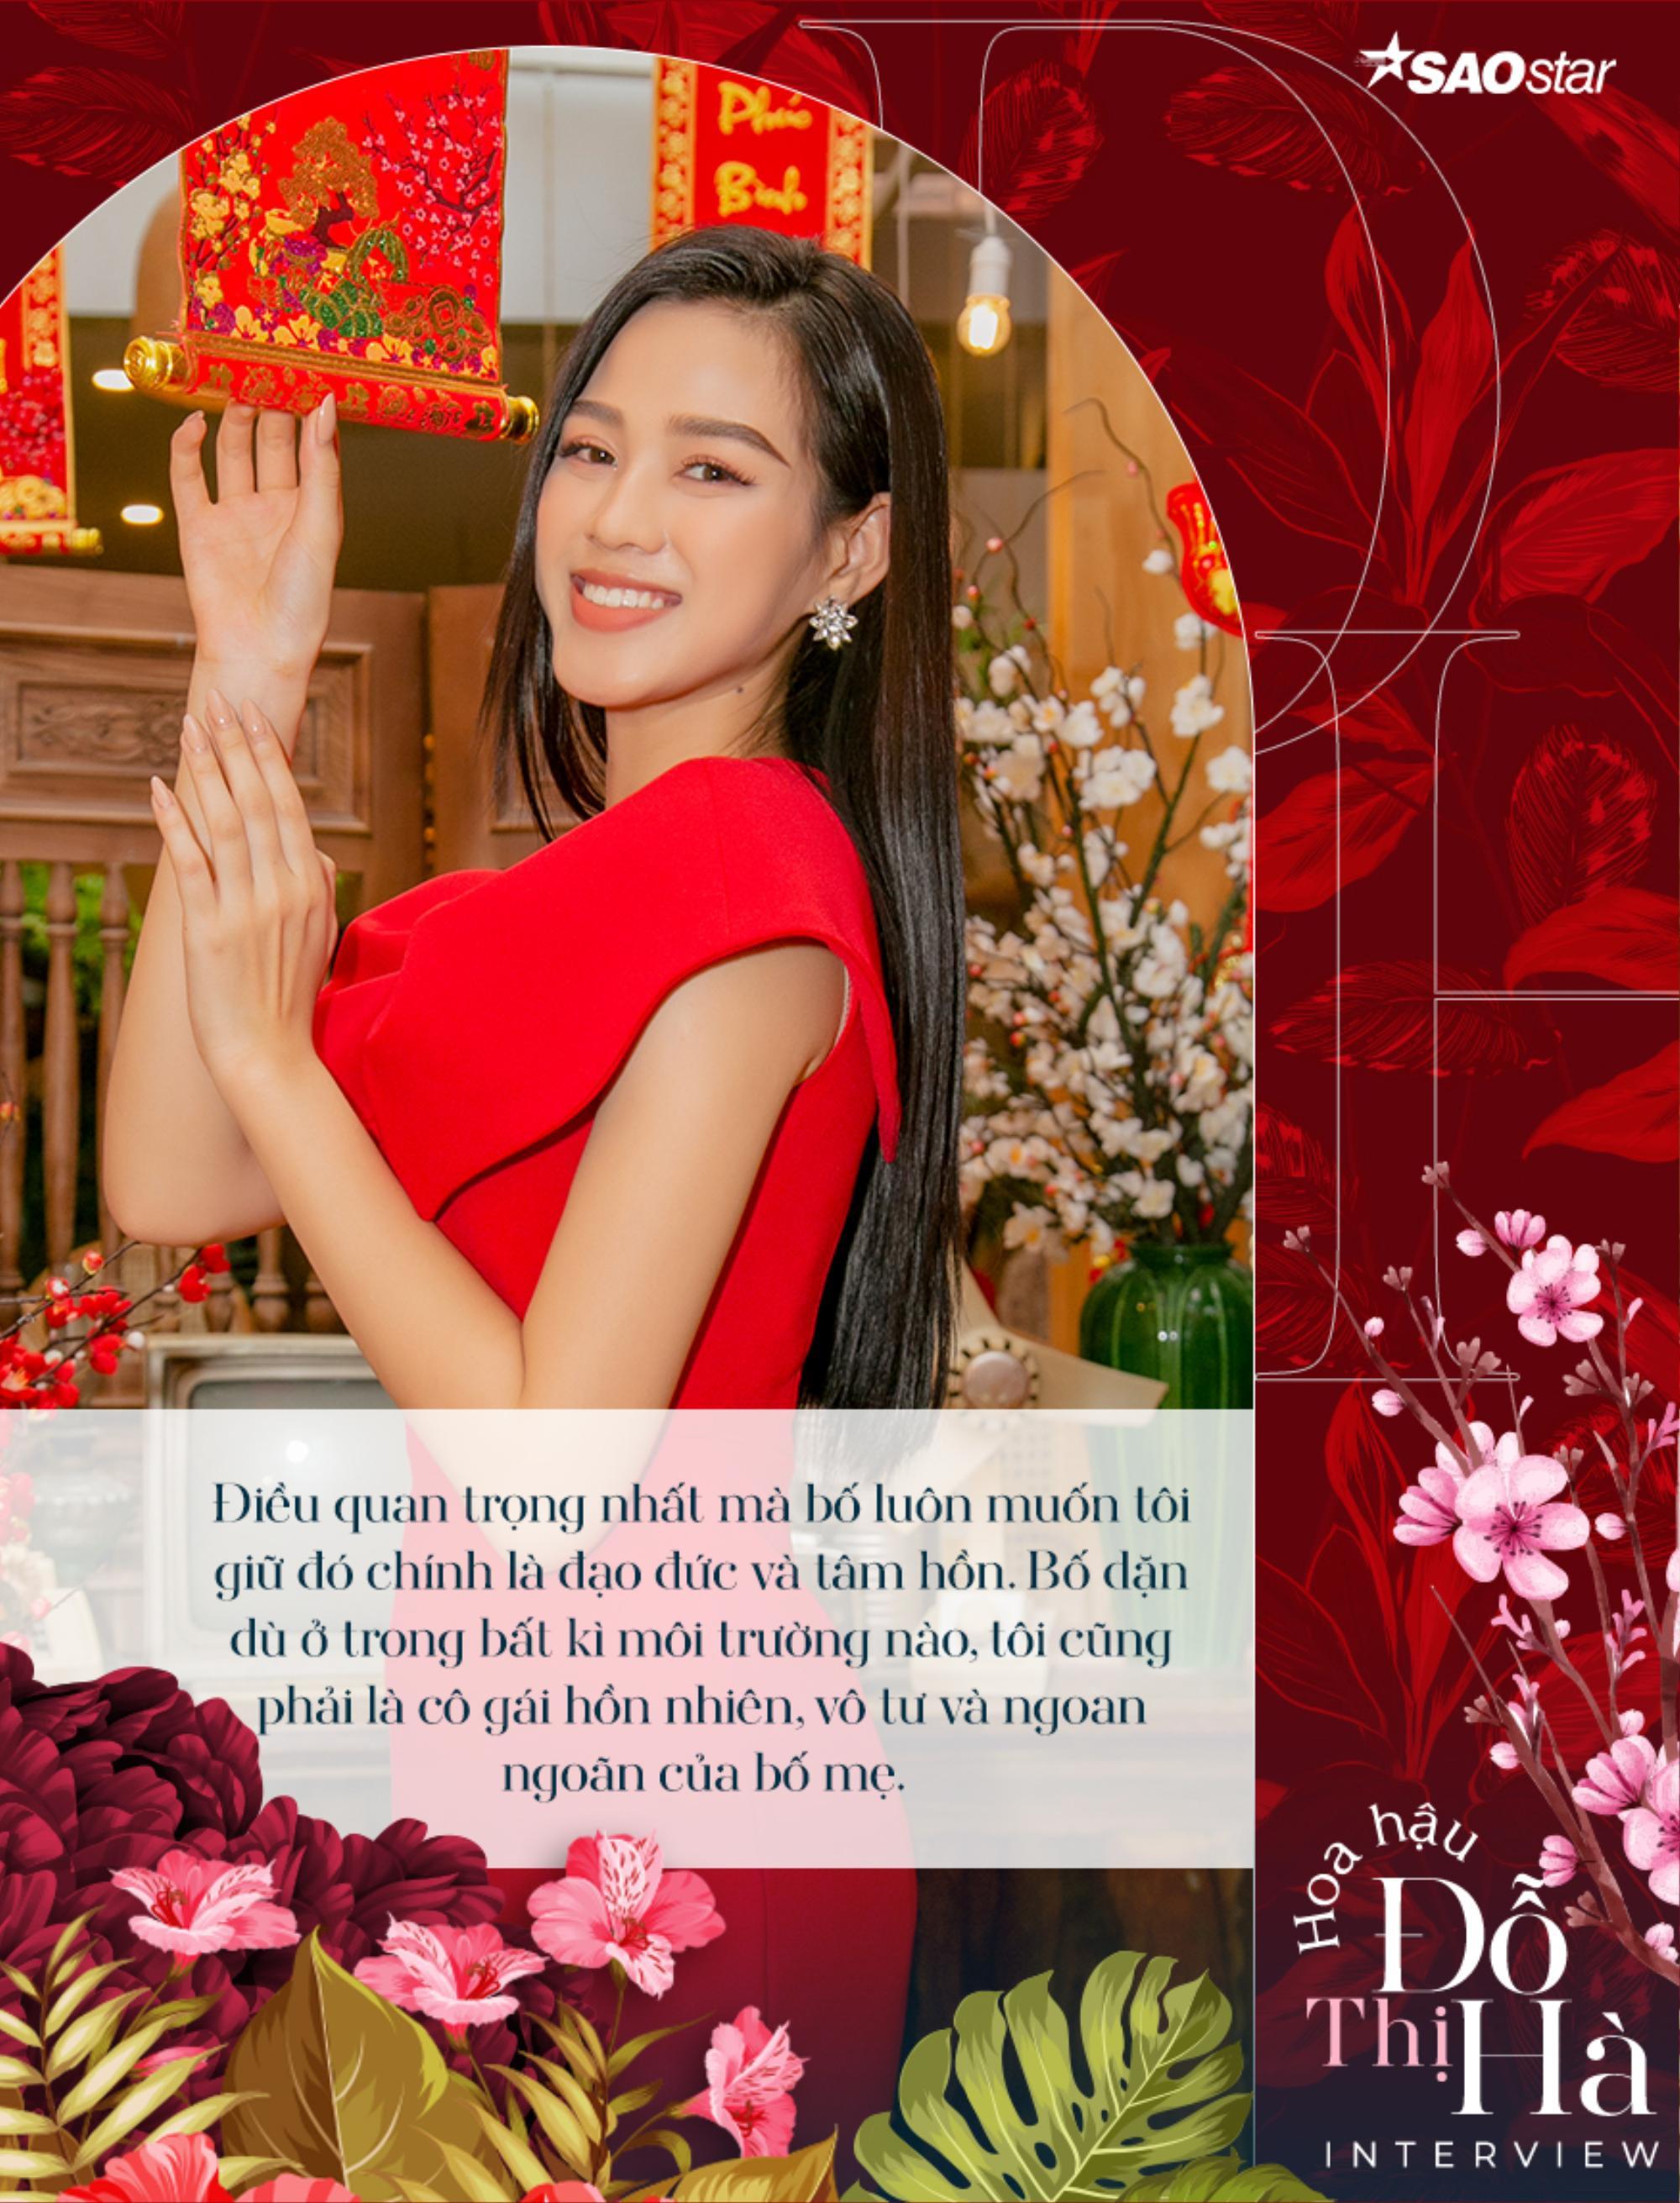 Hoa hậu Việt Nam Đỗ Thị Hà: 'Nếu có một điều ước, tôi chỉ mong bố ngủ ngon và bớt lo lắng cho tôi' Ảnh 11